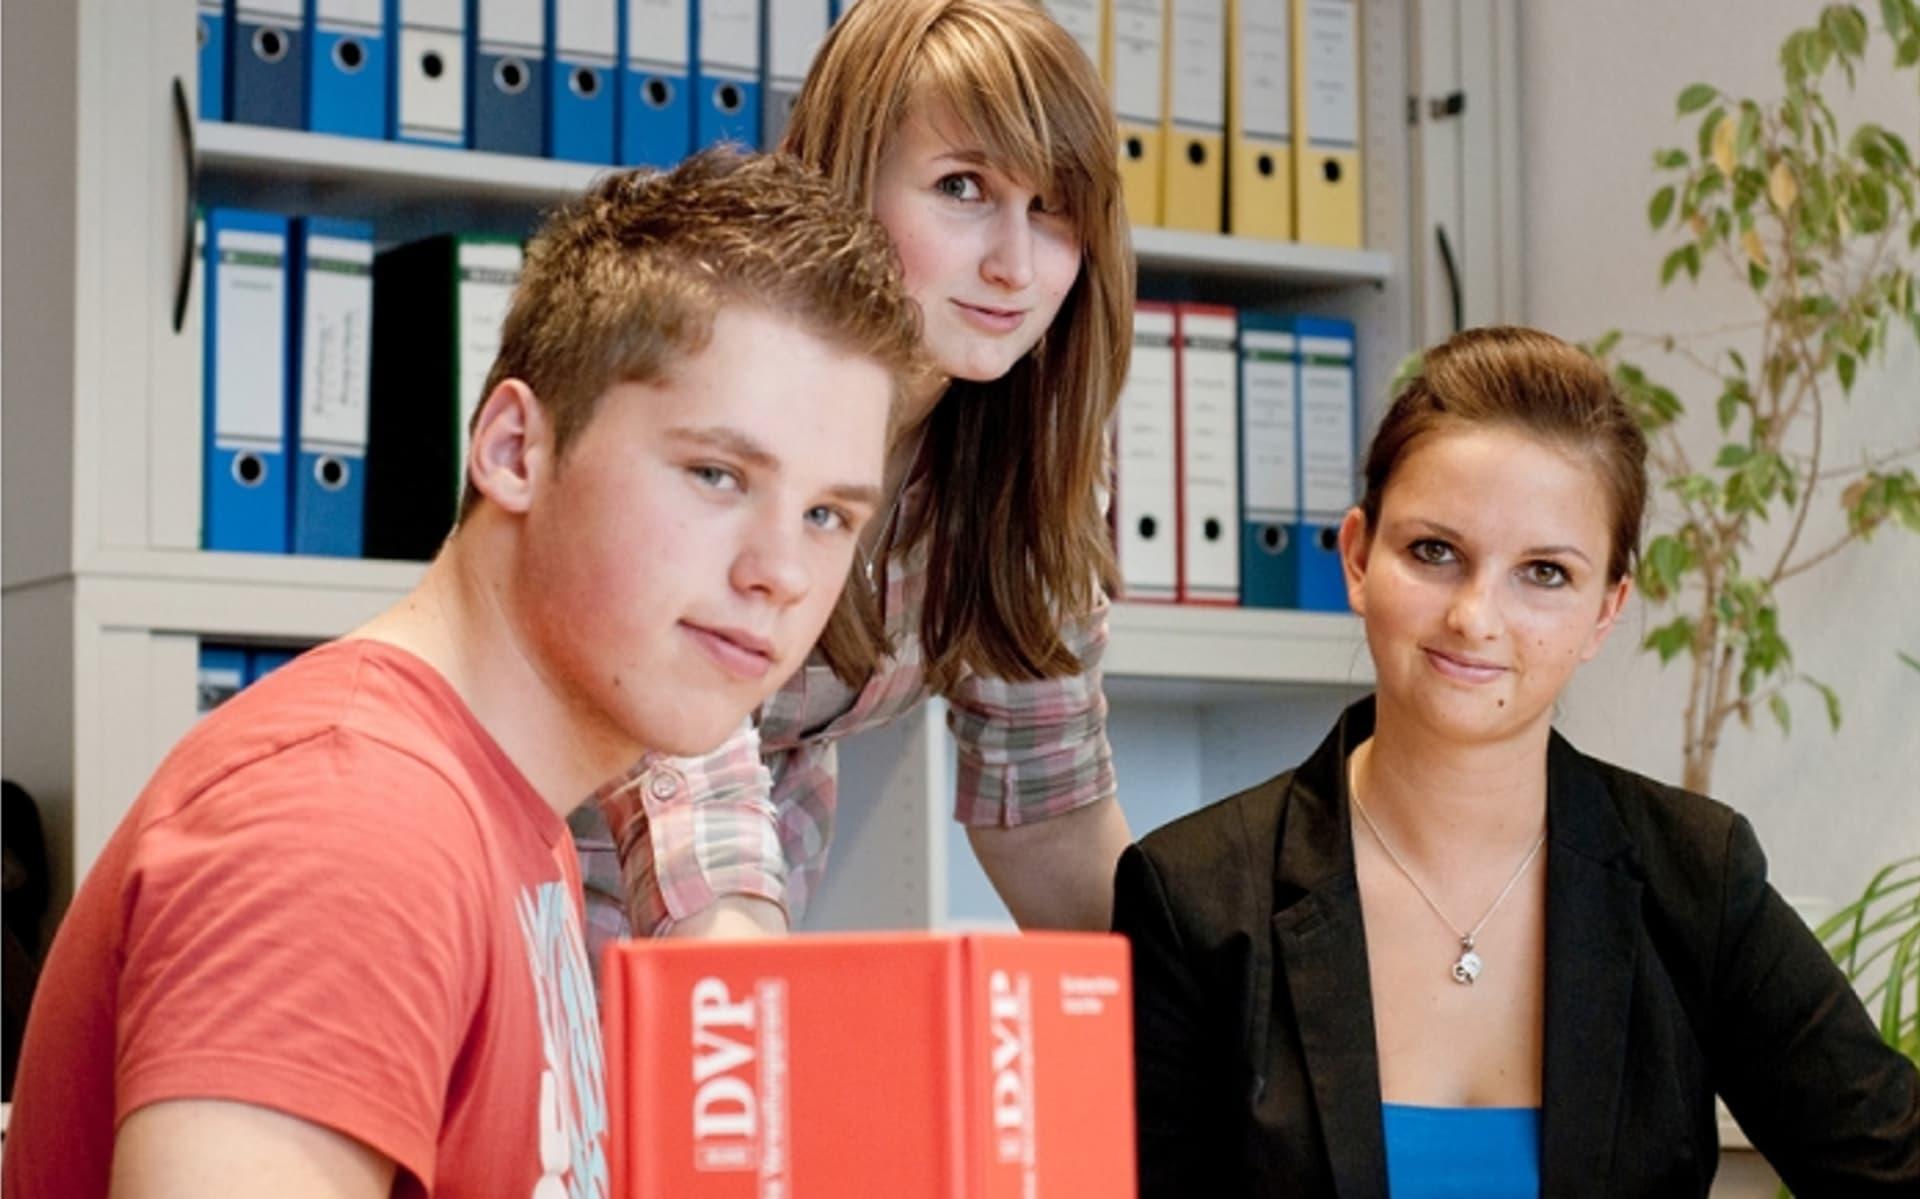 Standort Nds. Landesamt für Soziales, Jugend und Familie - Außenstelle Osnabrück Land Niedersachsen